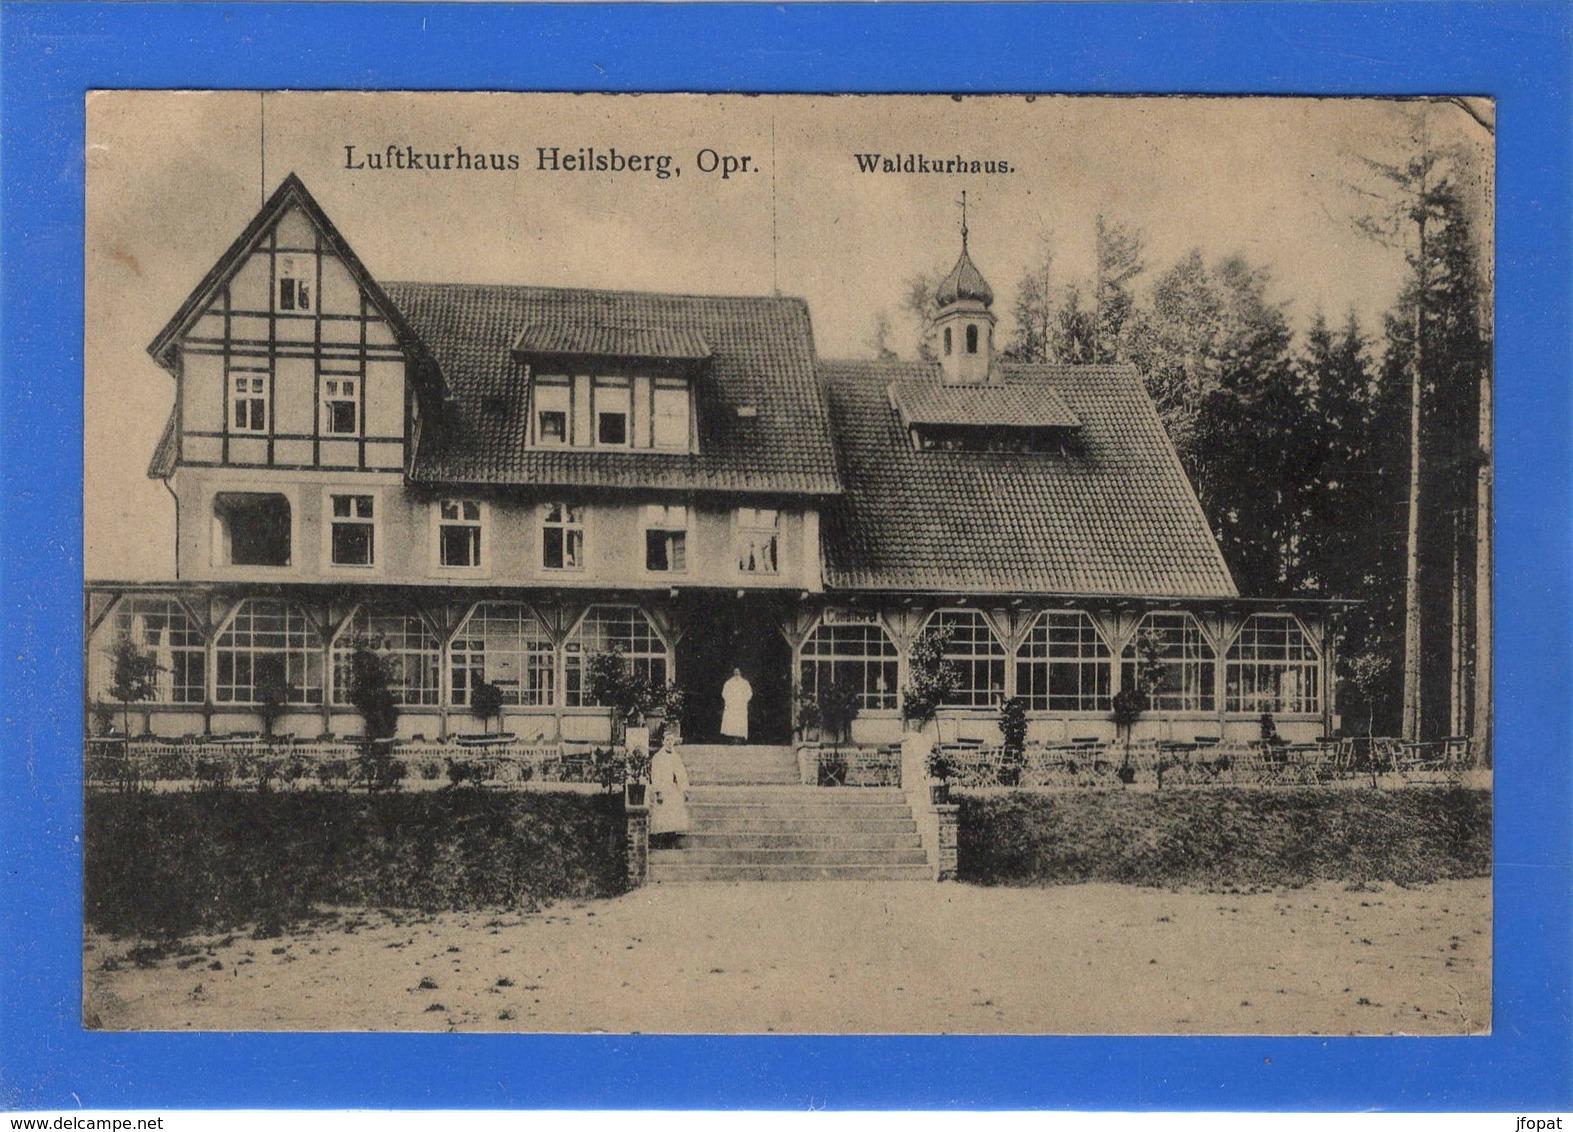 POLOGNE - HEILSBERG Waldkurhaus. (voir Descriptif) - Poland